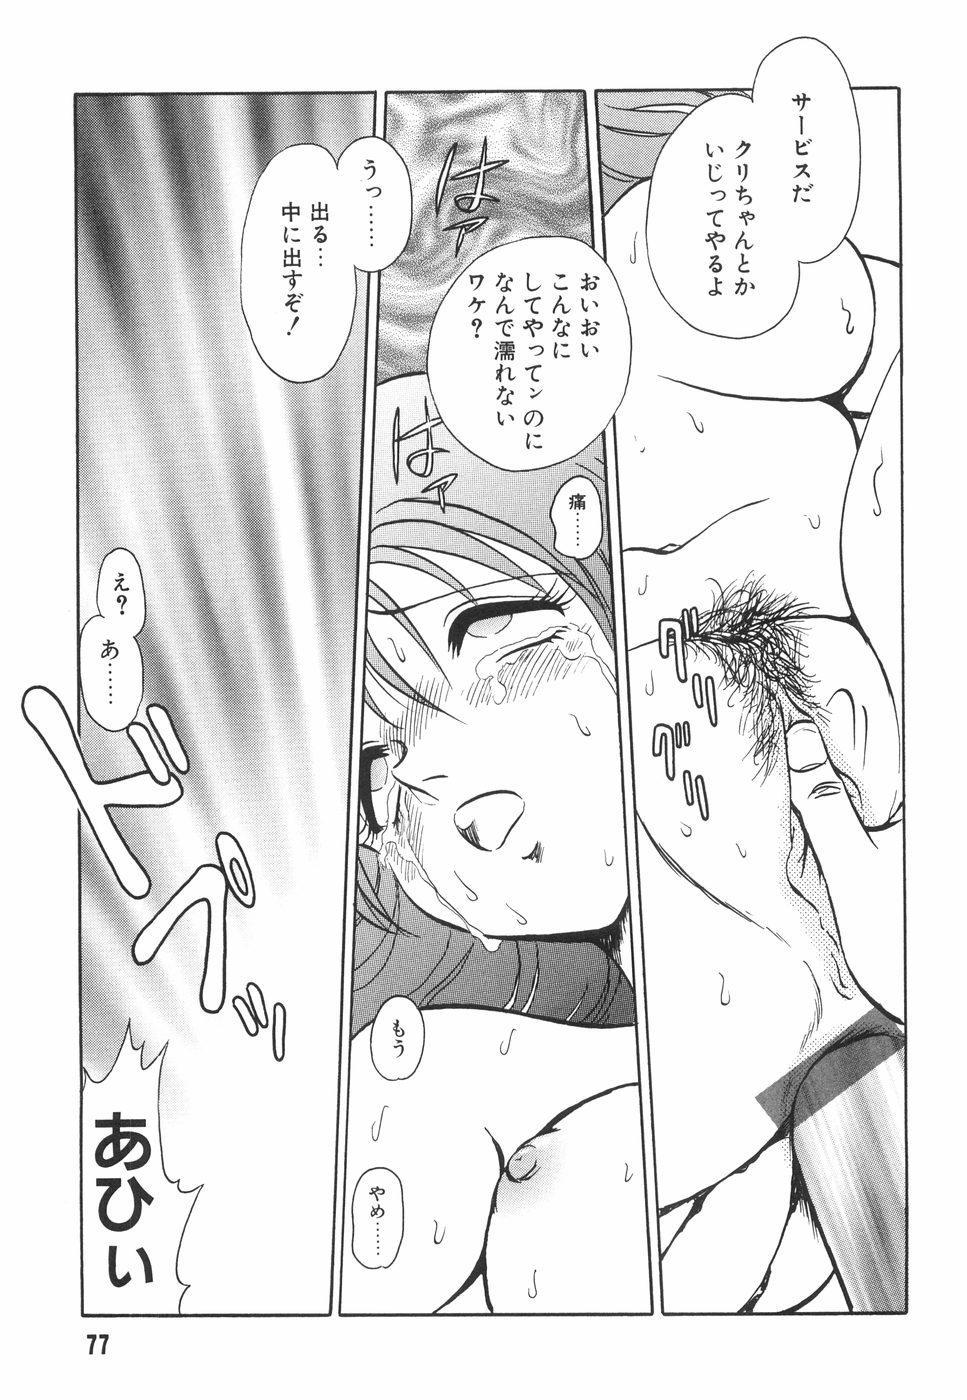 Hazukashime no Jikan 77